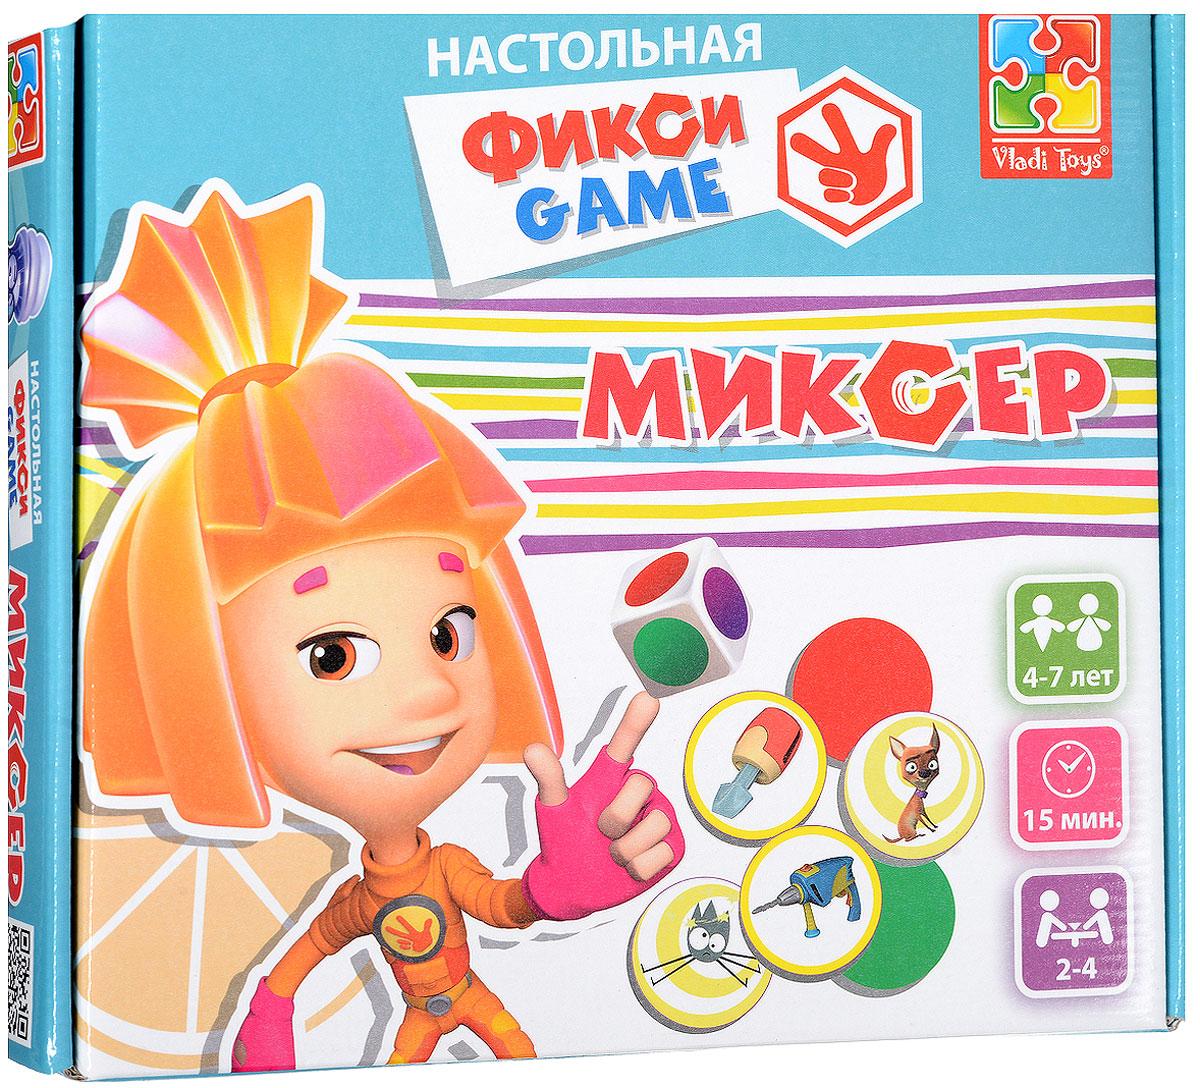 Vladi Toys Настольная игра Фиксики Миксер